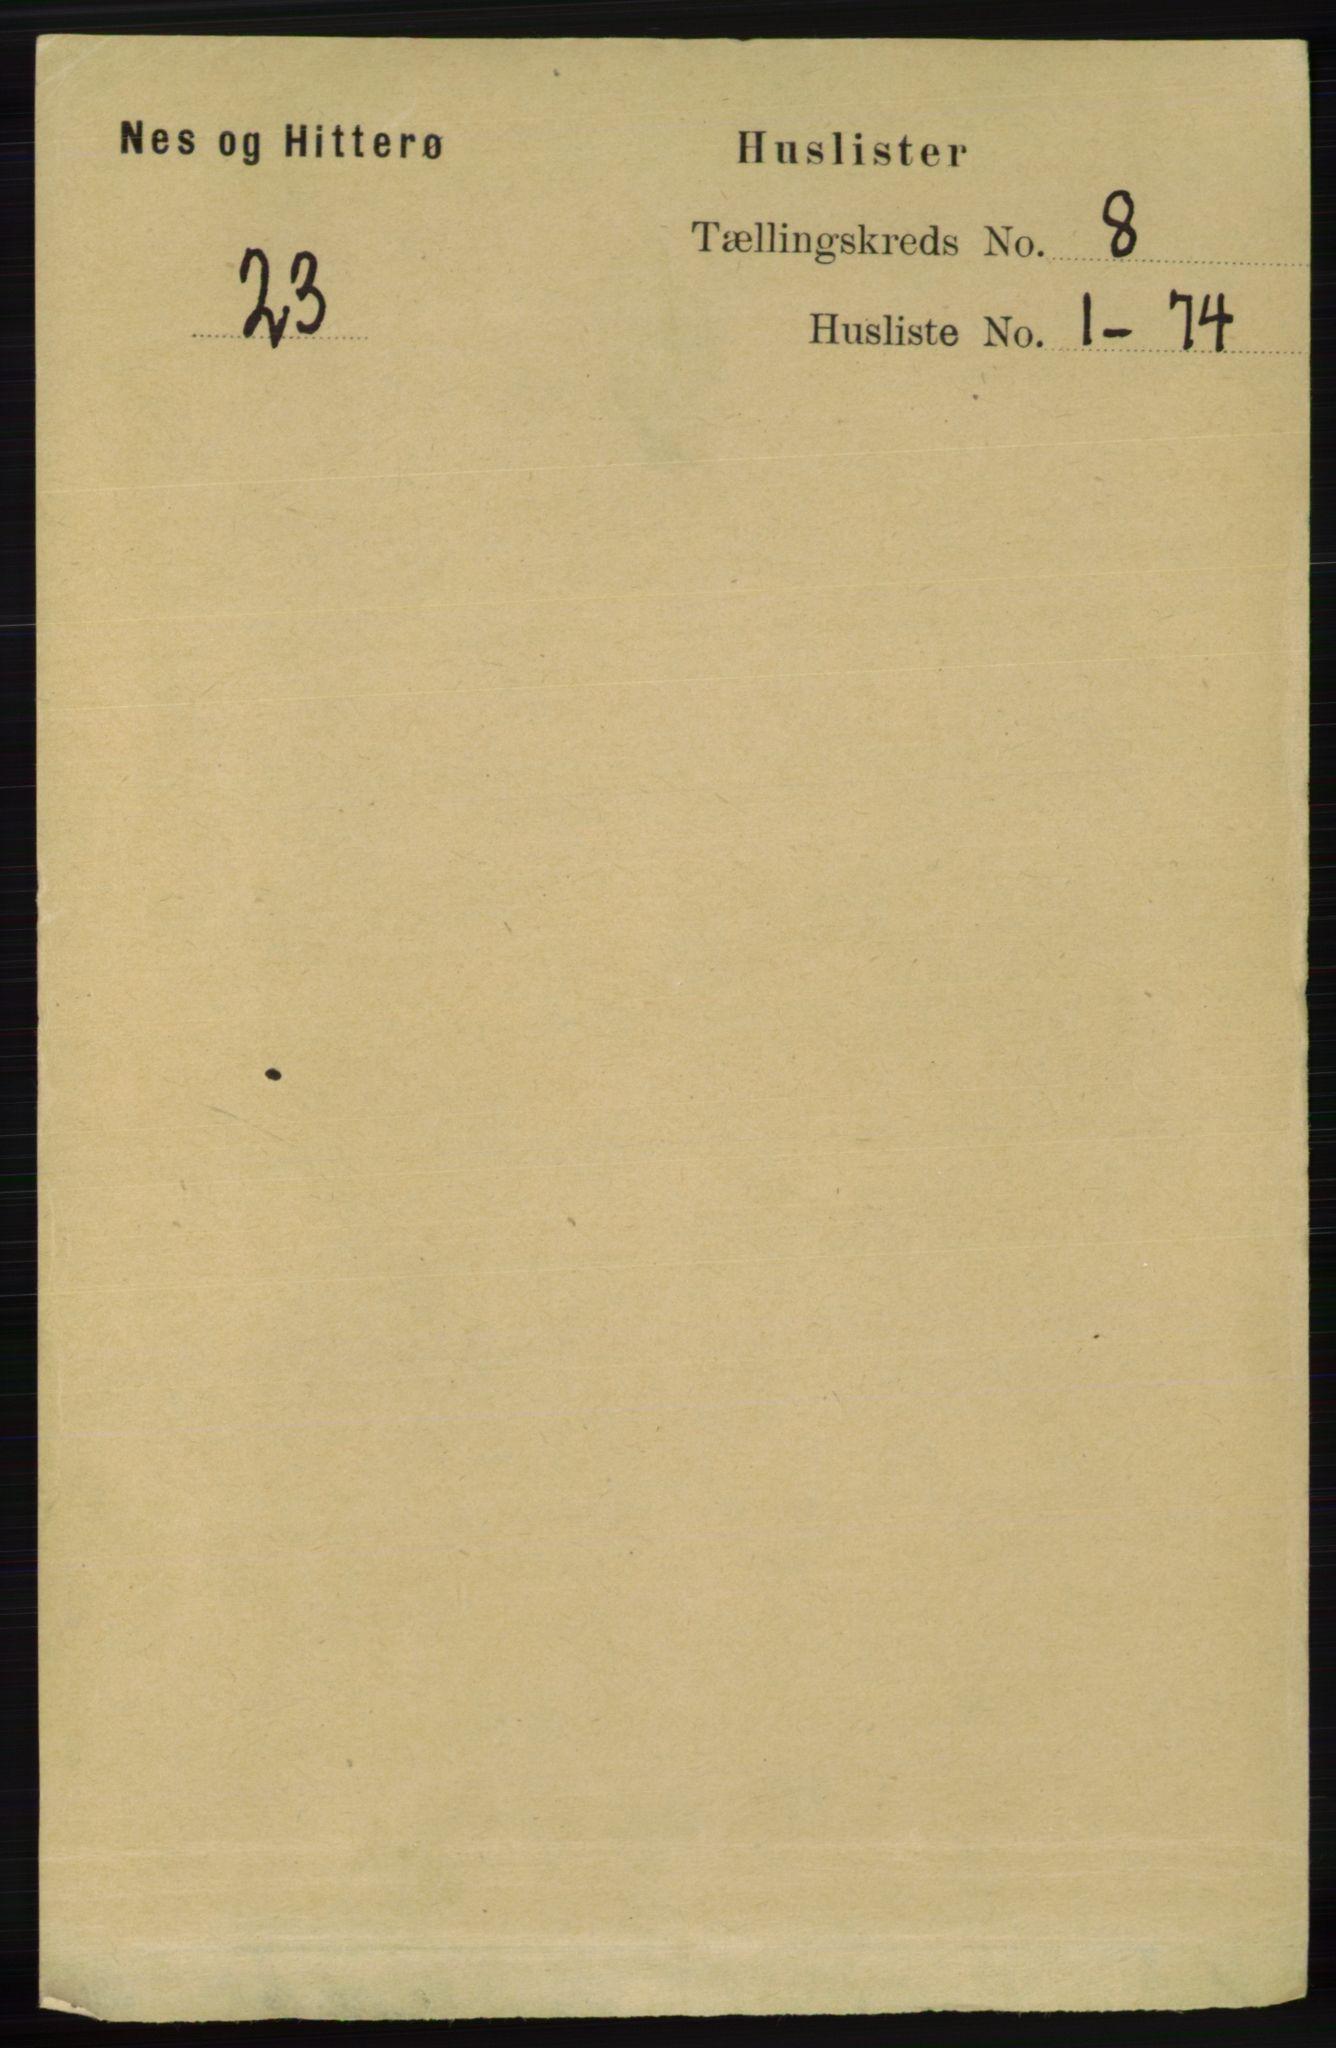 RA, Folketelling 1891 for 1043 Hidra og Nes herred, 1891, s. 3233